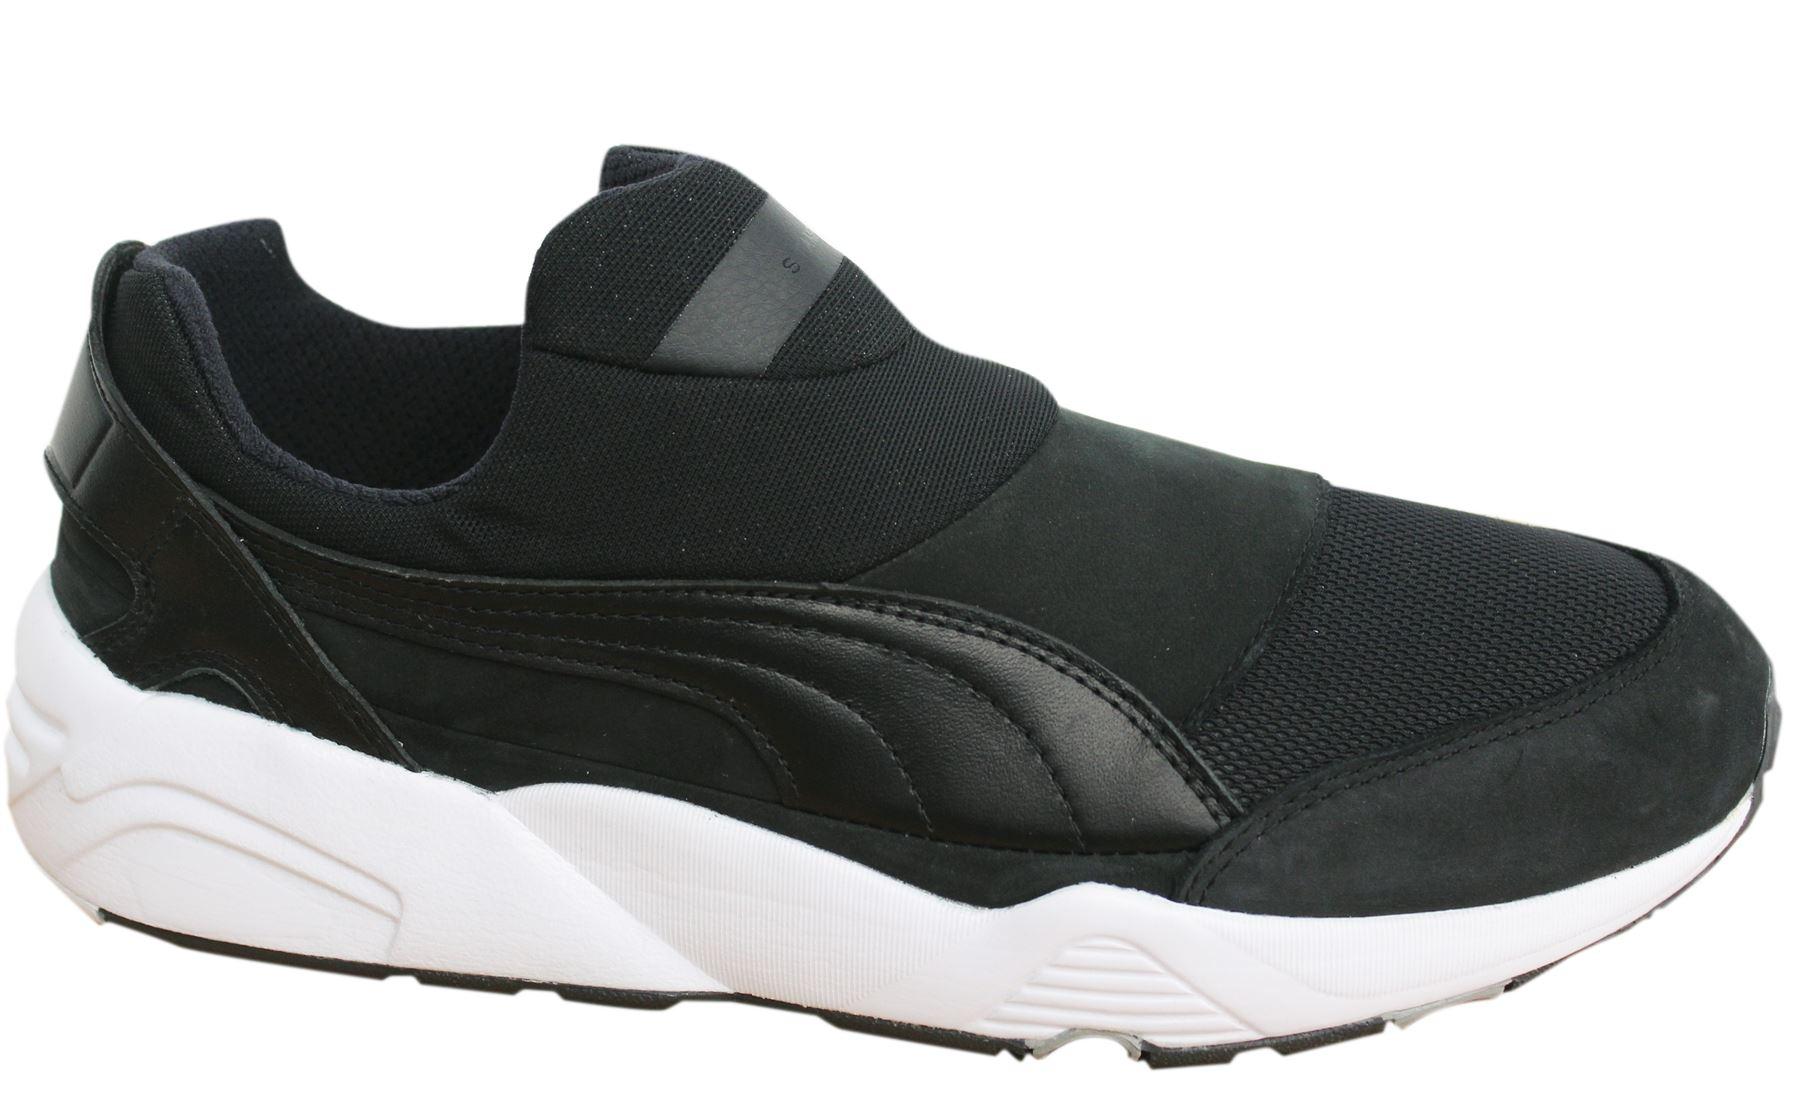 Detalles acerca de Puma Trinomic Calcetín Stampd casi como nuevo x Para hombre Negro Zapatillas resbalón en el zapato 361429 02 D6 mostrar título